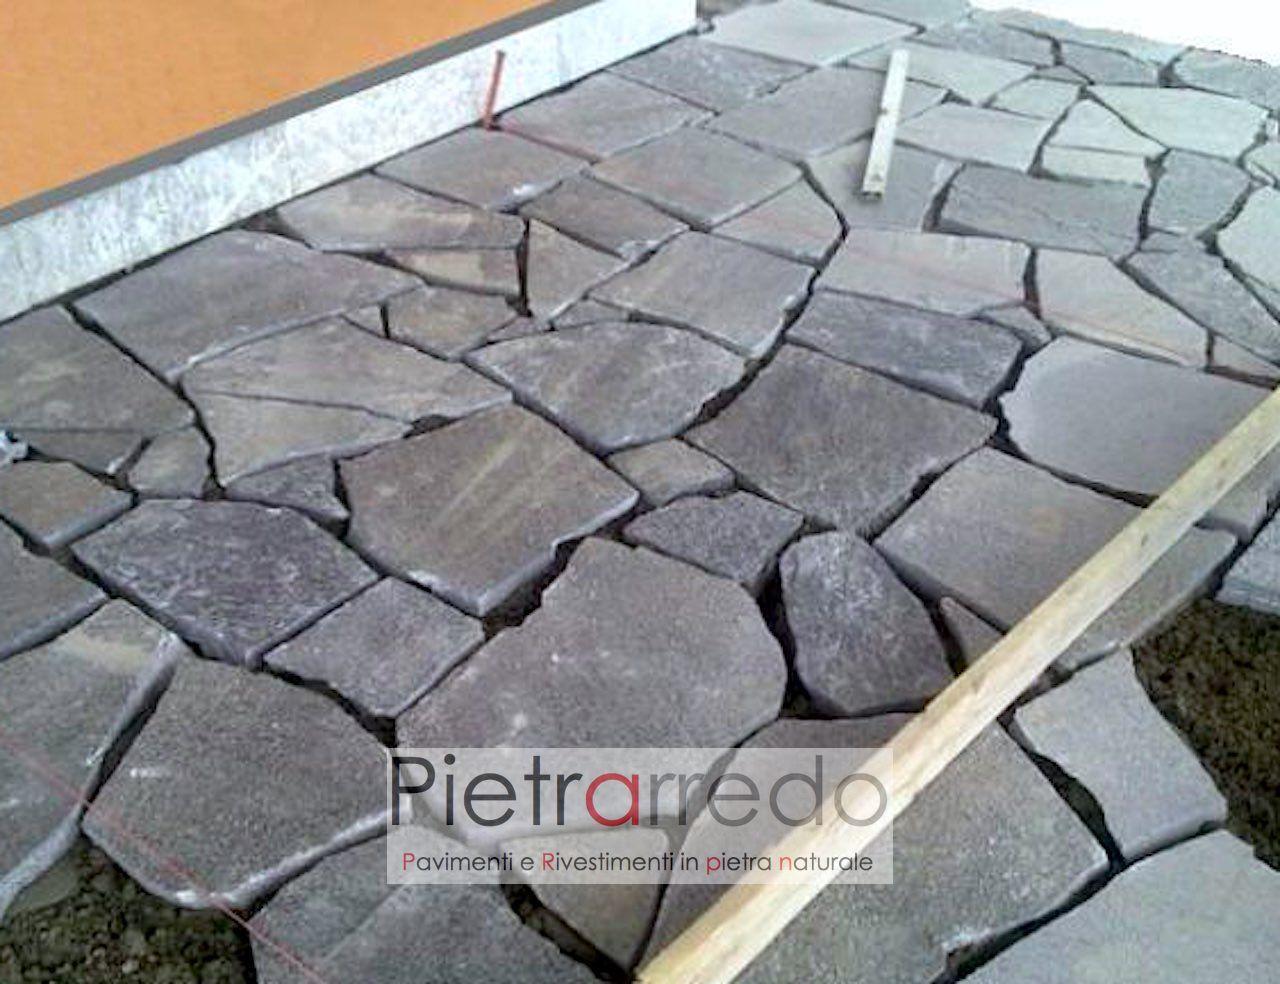 """Posa Pavimento A Secco Giardino pavimento in pietra naturale """"beola grigia lastrame-mosaico-opera incerta"""""""